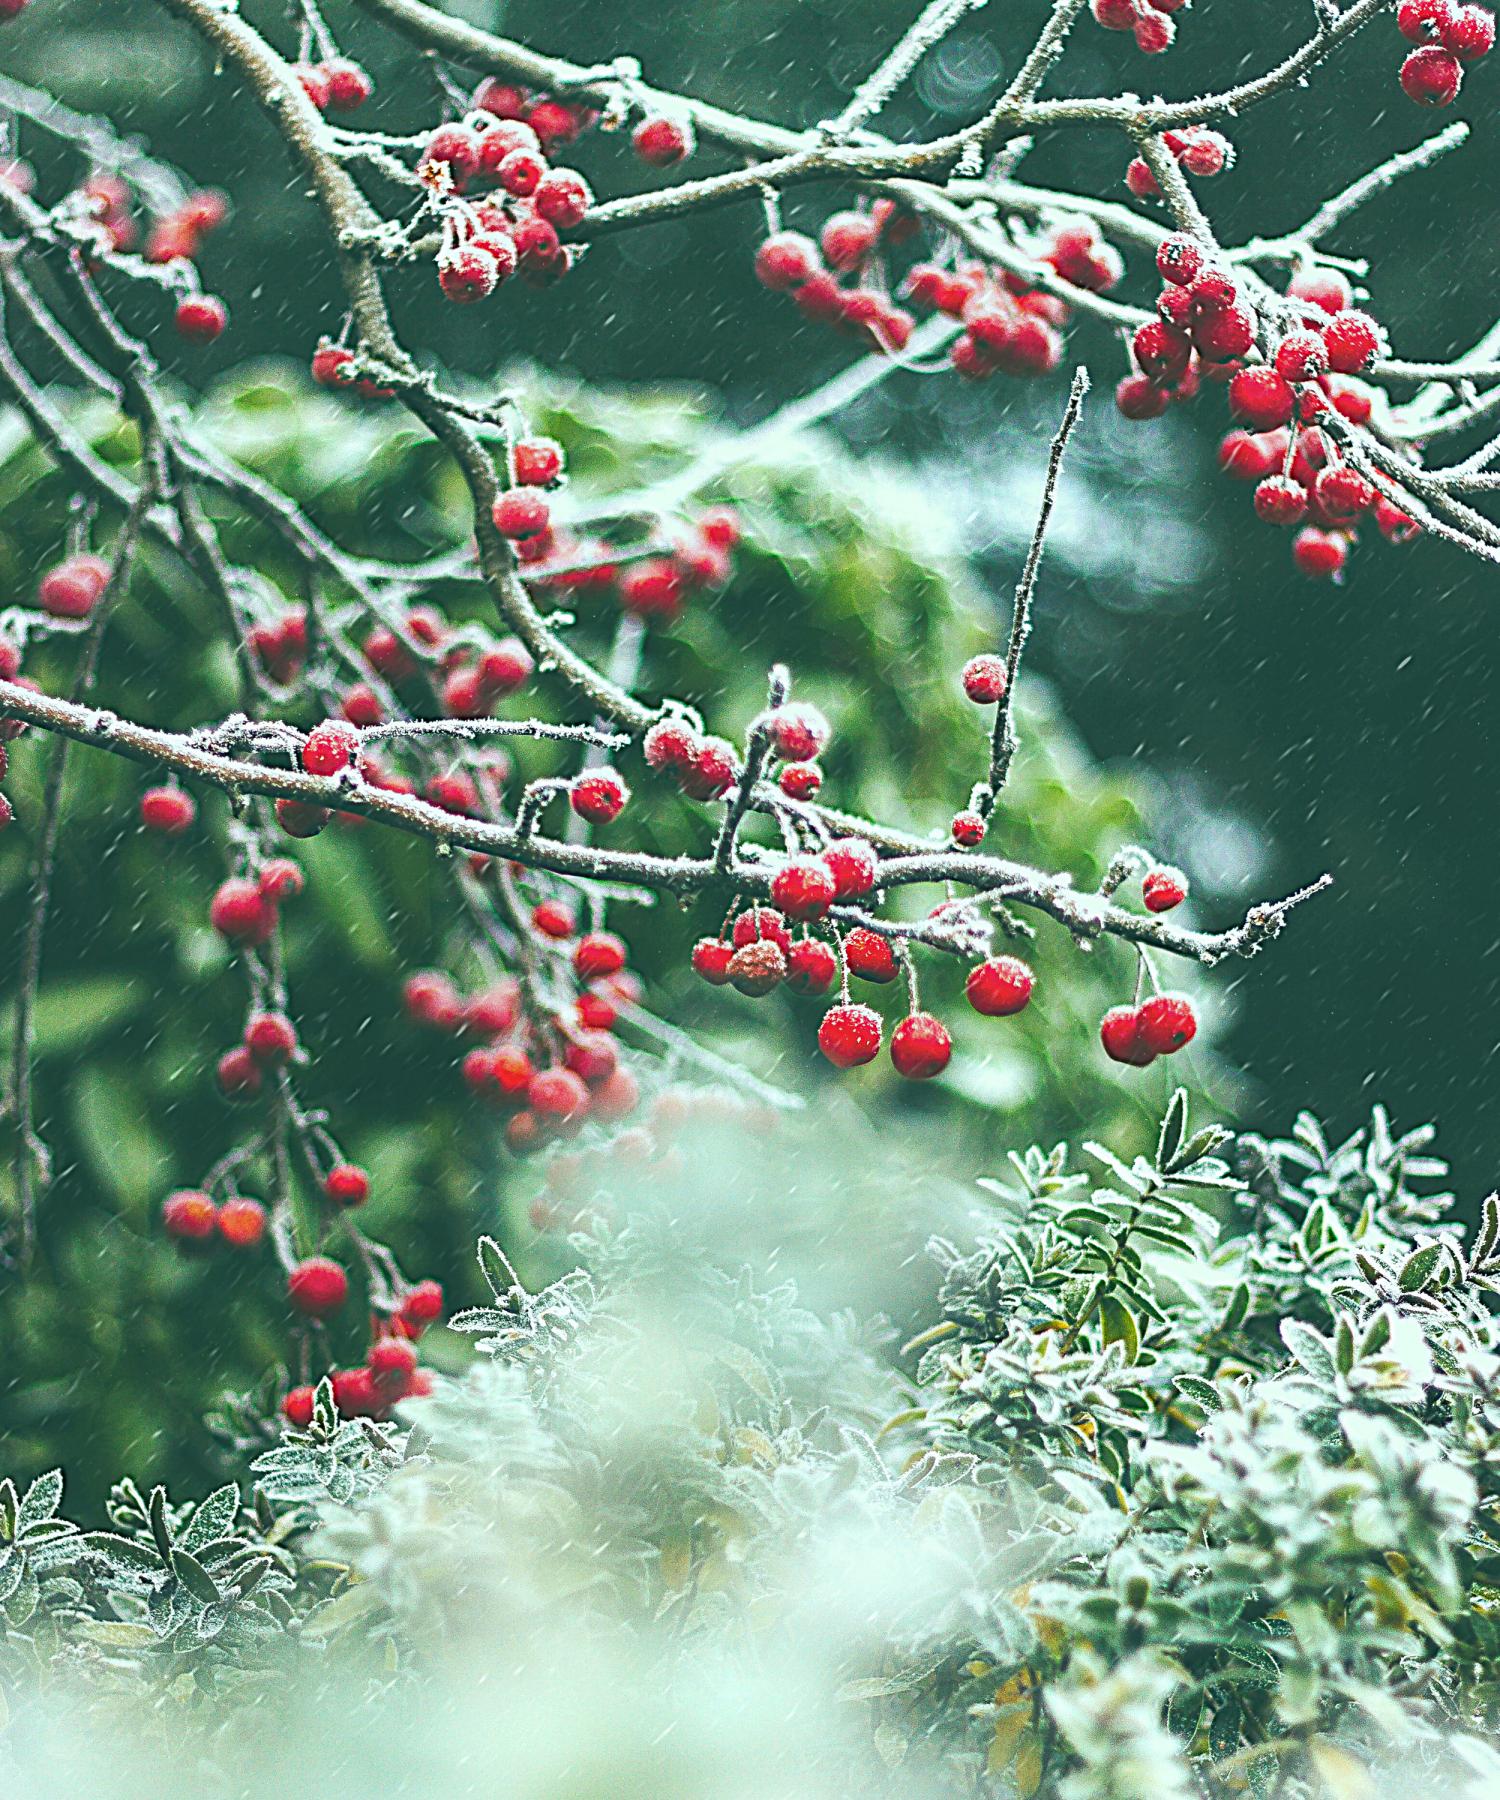 Winter_2021_berries